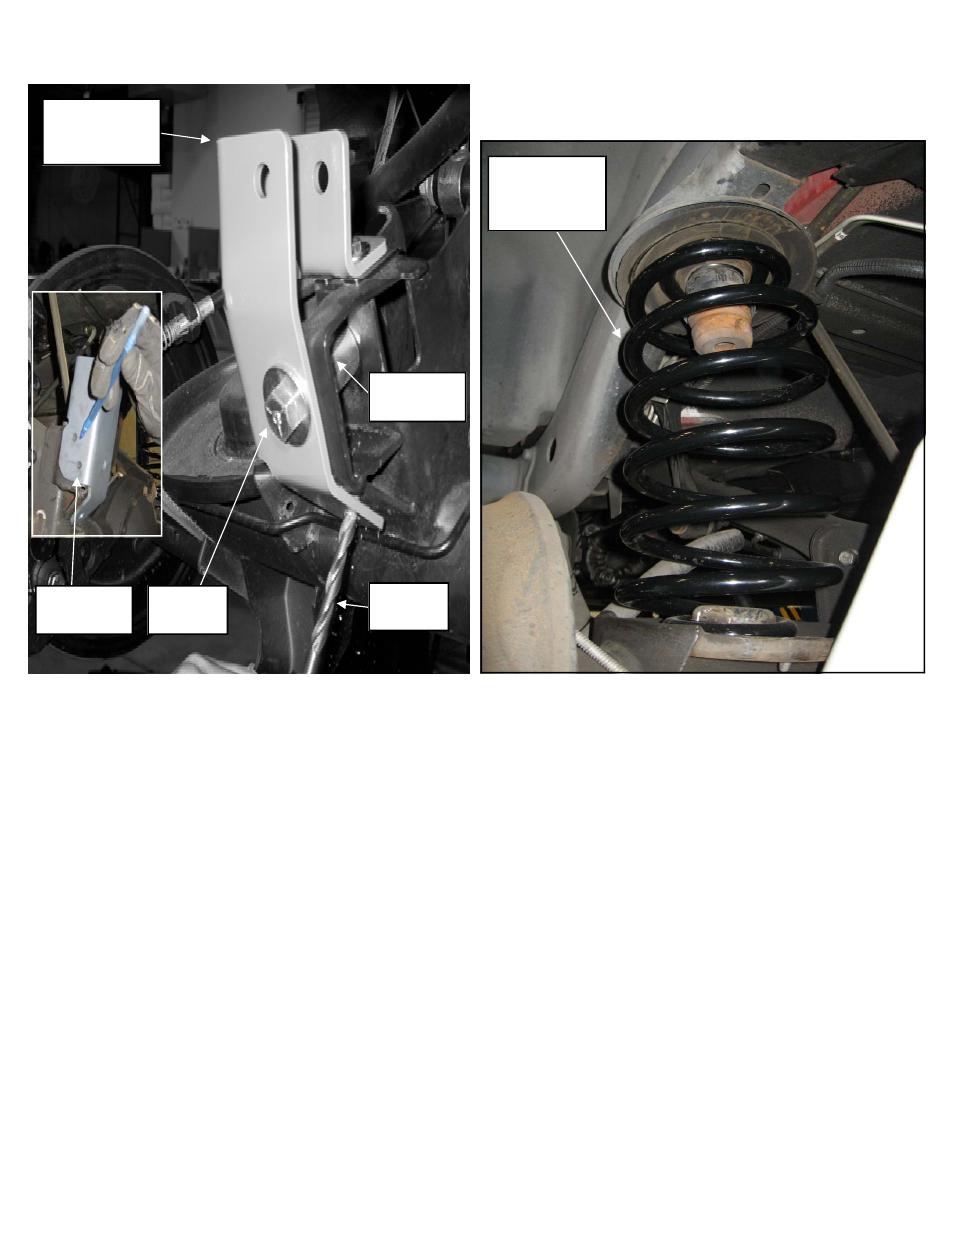 Trail Master Suspension TM3440-20013 JEEP WRANGLER (TJ) 4 SPRING KIT User  Manual